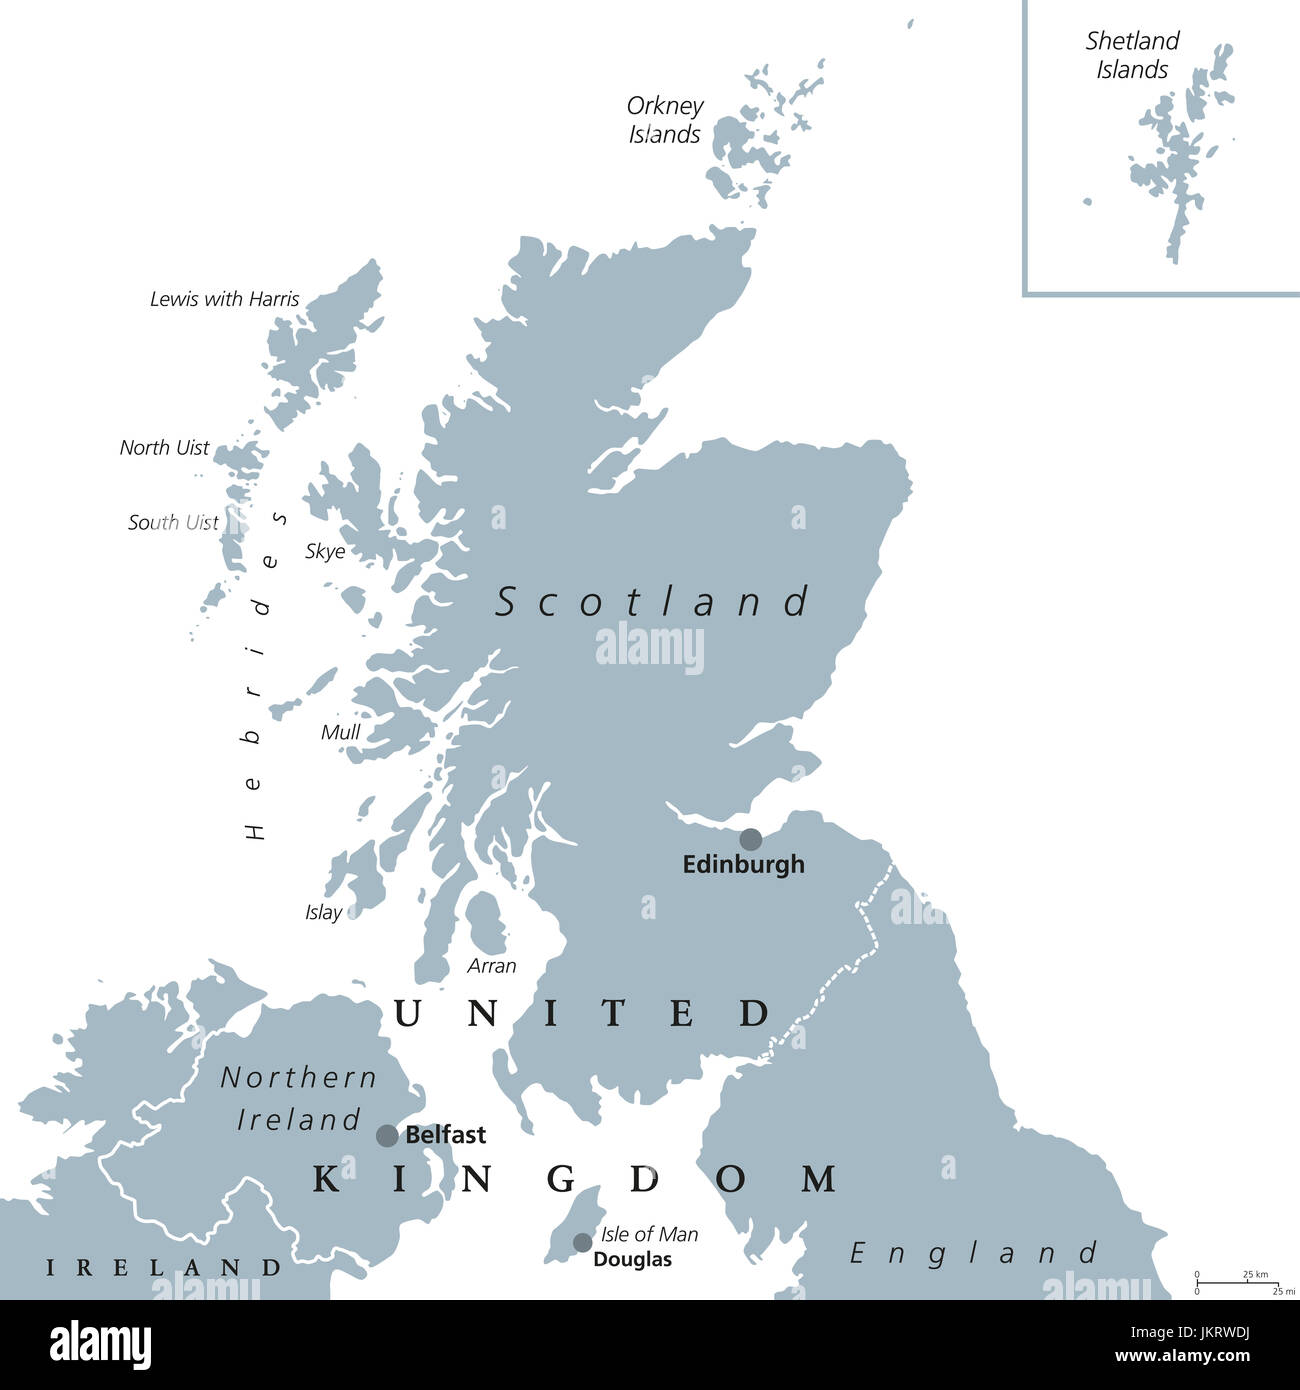 Gran Bretagna Cartina Geografica Politica.Scozia Mappa Politico Con Capitale Edimburgo Paese E Parte Del Regno Unito Copre Il Terzo Settentrionale Dell Isola Di Gran Bretagna Foto Stock Alamy